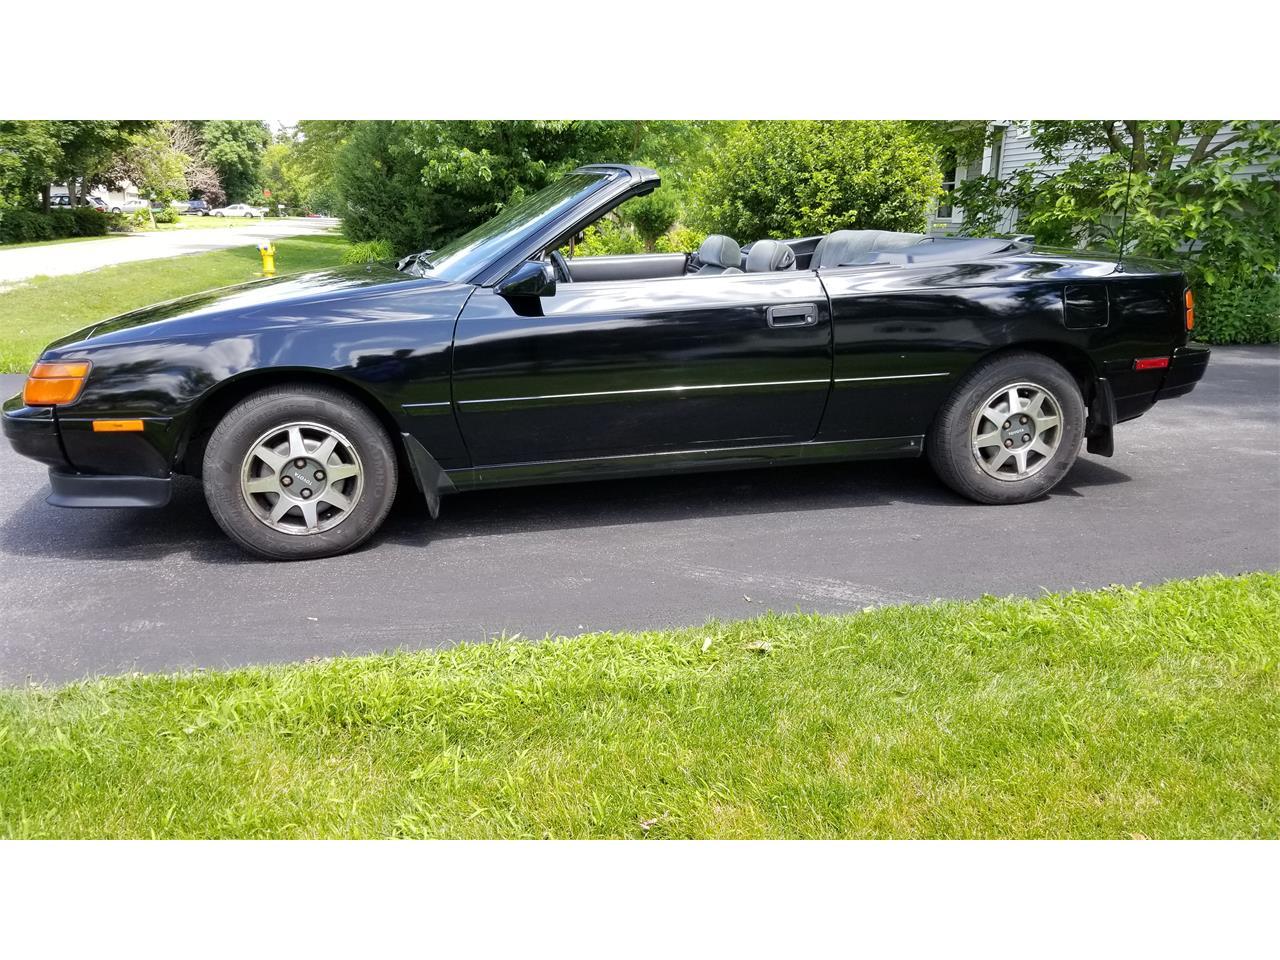 For Sale: 1988 Toyota Celica in LAKE VILLA, Illinois